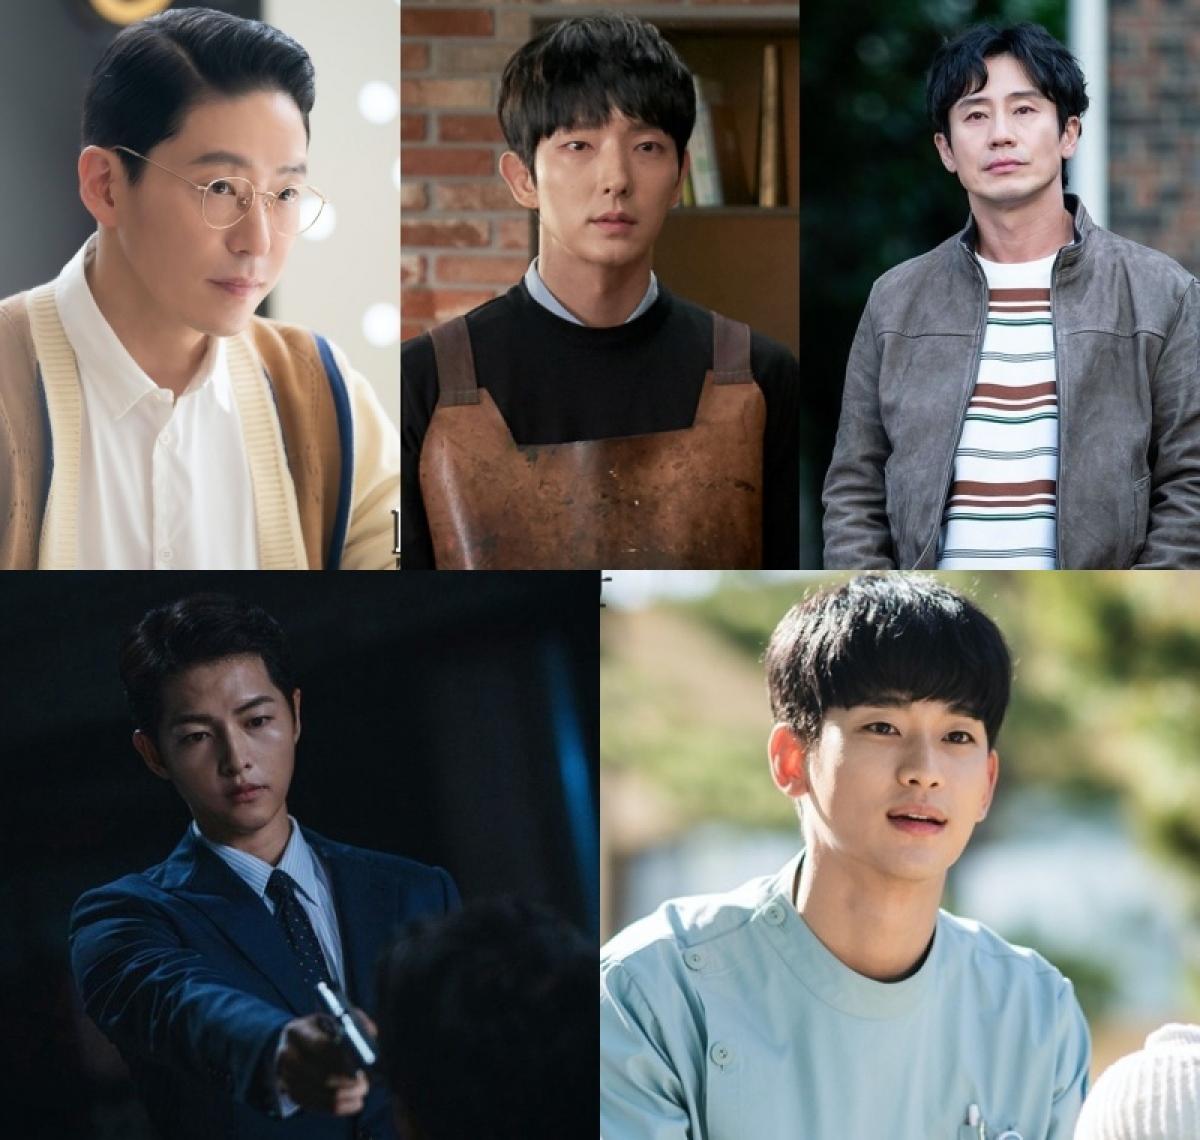 """Đường đua """"Nam diễn viên chính xuất sắc nhất"""" mảng truyền hình có sự góp mặt của Kim Soo Hyun,Song Joong Ki,Lee Jun Ki,Uhm Ki Joonvà Shin Ha Kyun"""